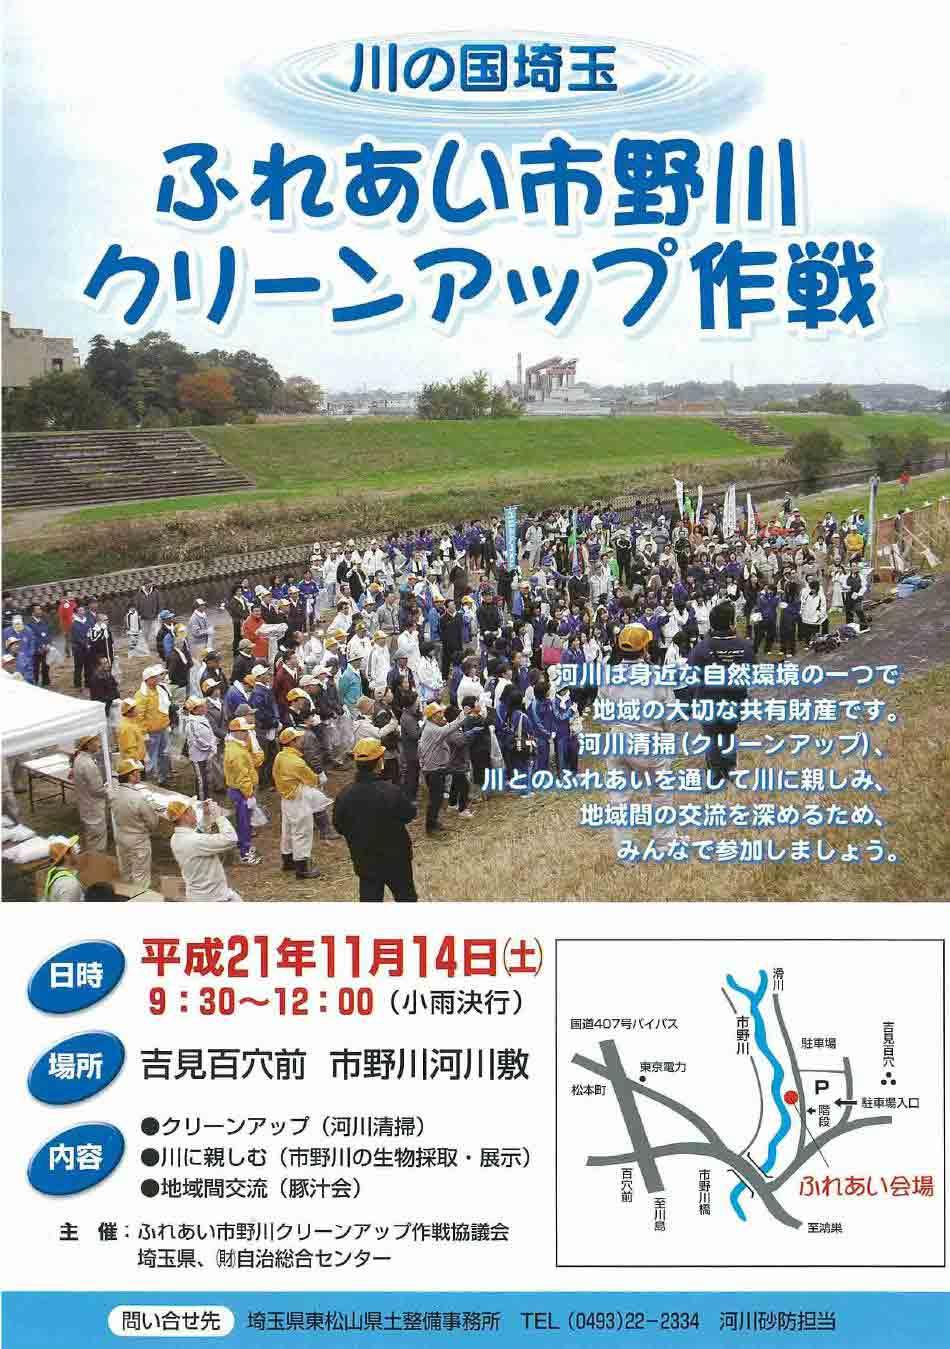 H21 ふれあい市野川クリーンアップ作戦チラシ(表)